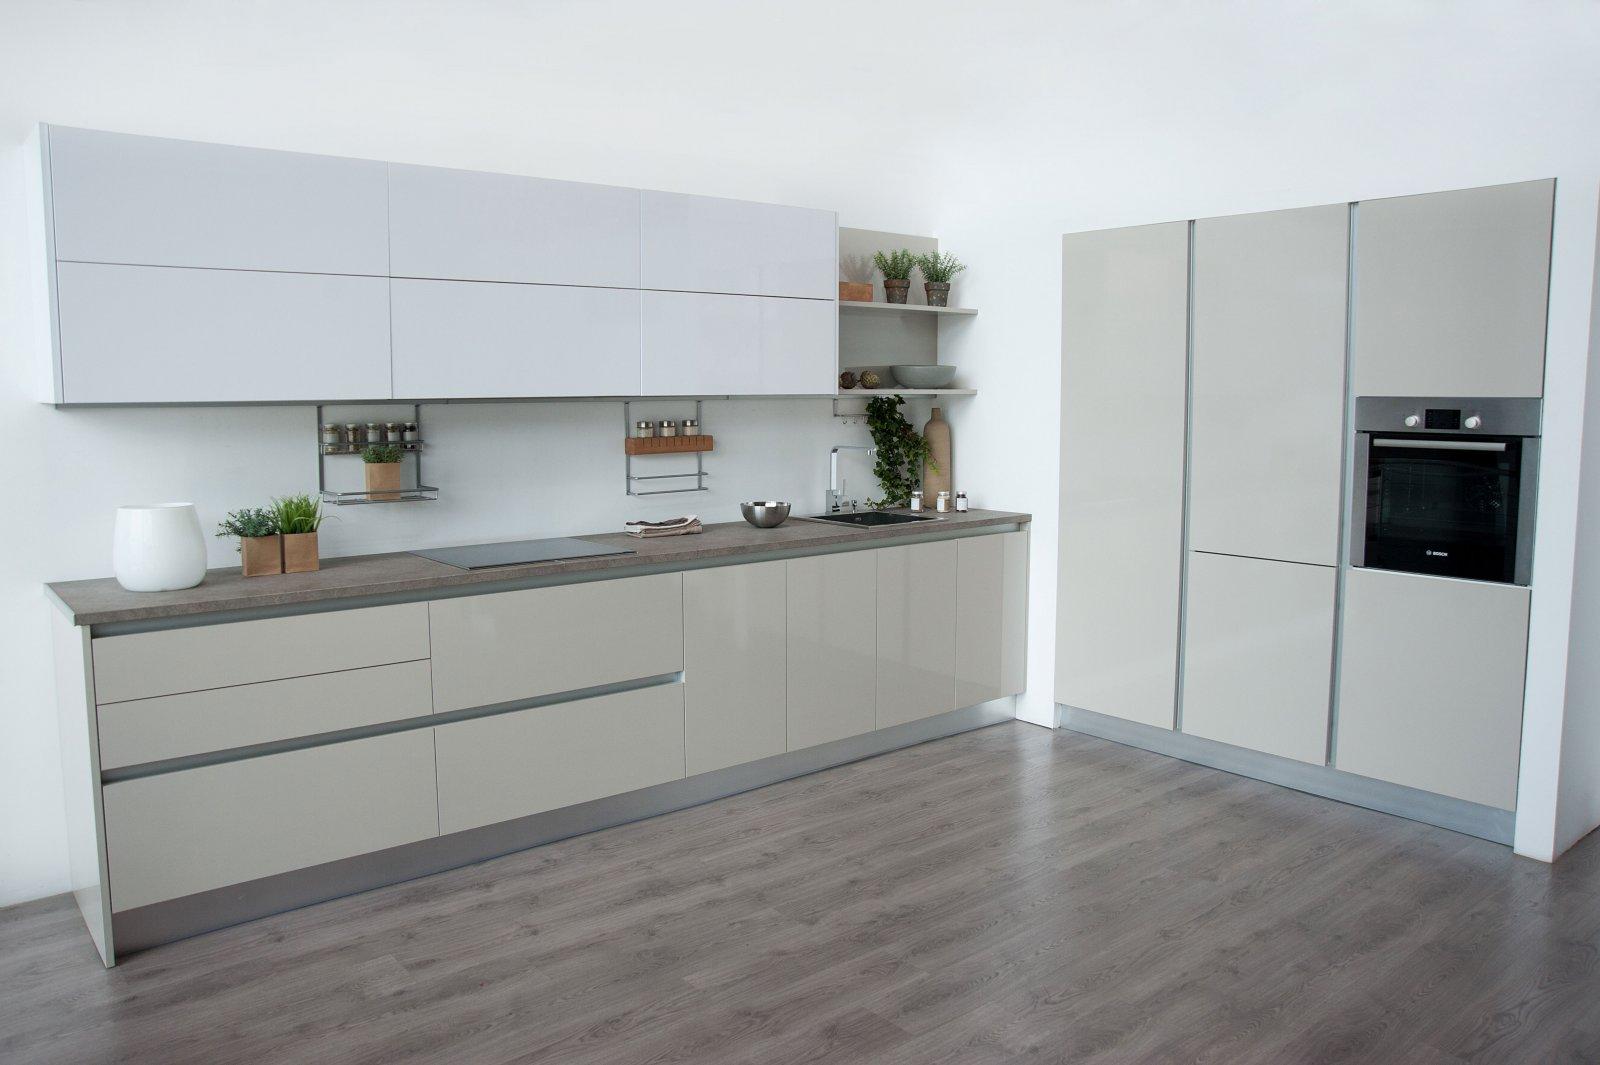 Crea tu cocina a medida con tpc cocinas decoraci n del hogar - Cocinas a medida ikea ...